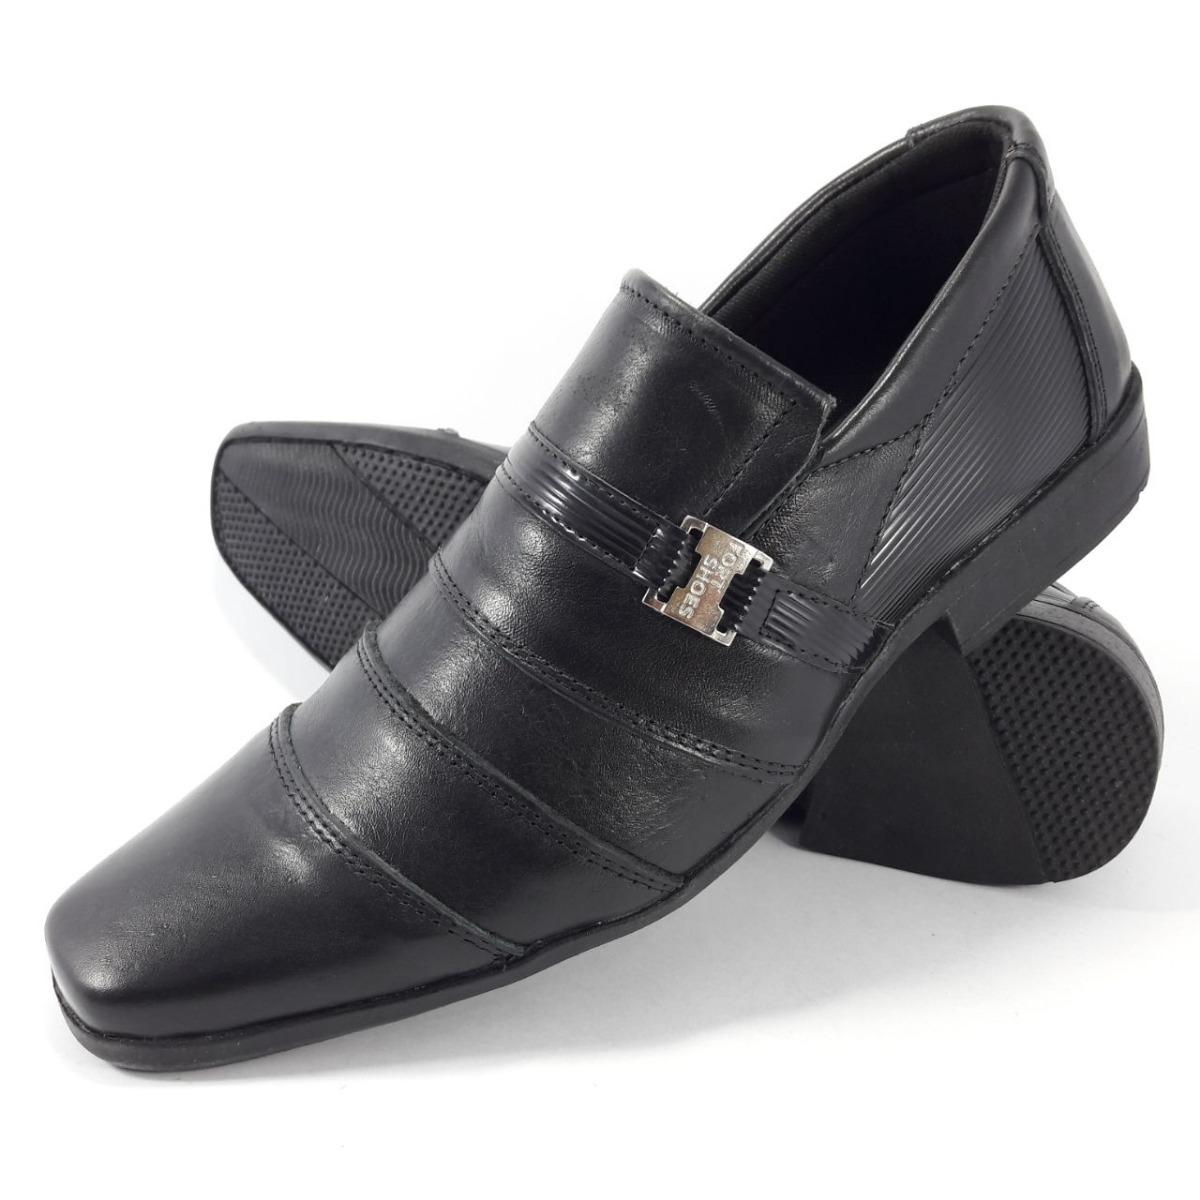 46879919f Sapato Social Fort Shoes Masculino Grife Conforto Elegante - R$ 89 ...